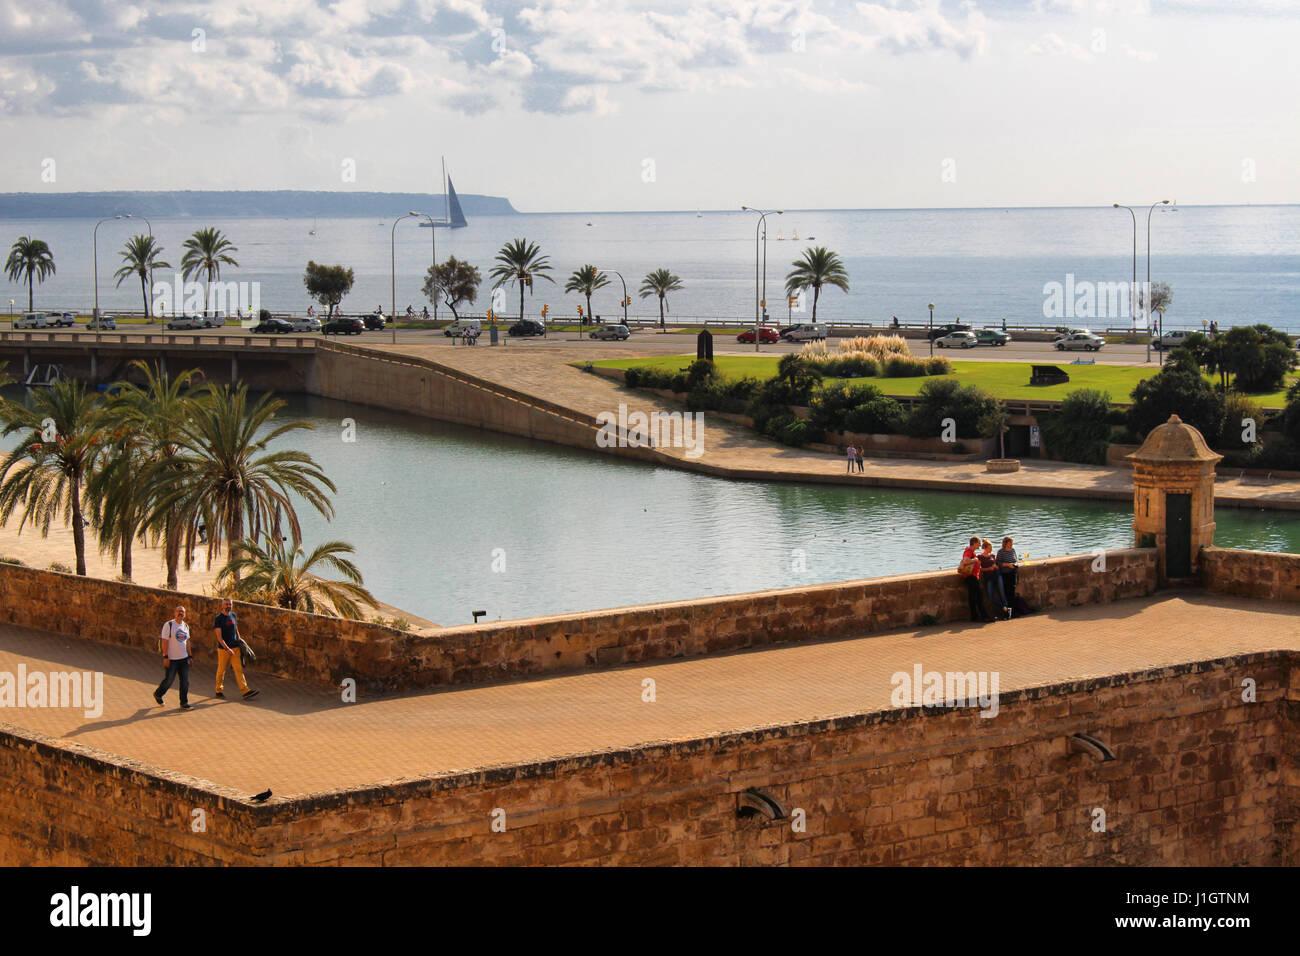 PALMA DE MALLORCA/SPAIN - 19 NOVEMBER 2016: Sea view from Palma de Mallorca's Cathedral - Stock Image